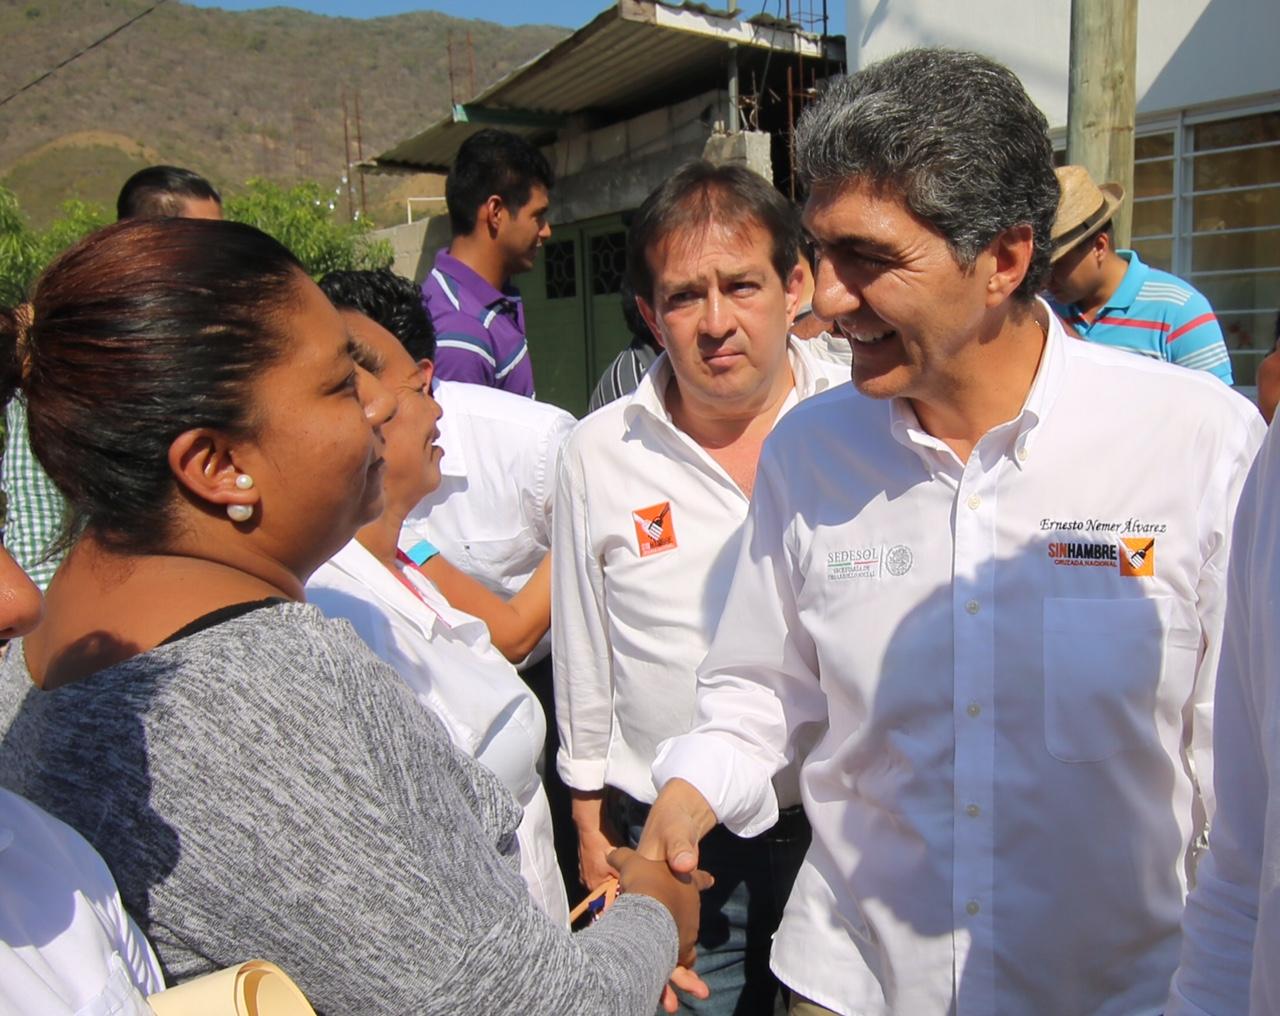 FOTO 2 Subs.  Nemer y el jefe de la oficina del secretario de Desarrollo Social  Julio C sar Guerrero  realizaron gira de trabajo por Chiapas.jpg